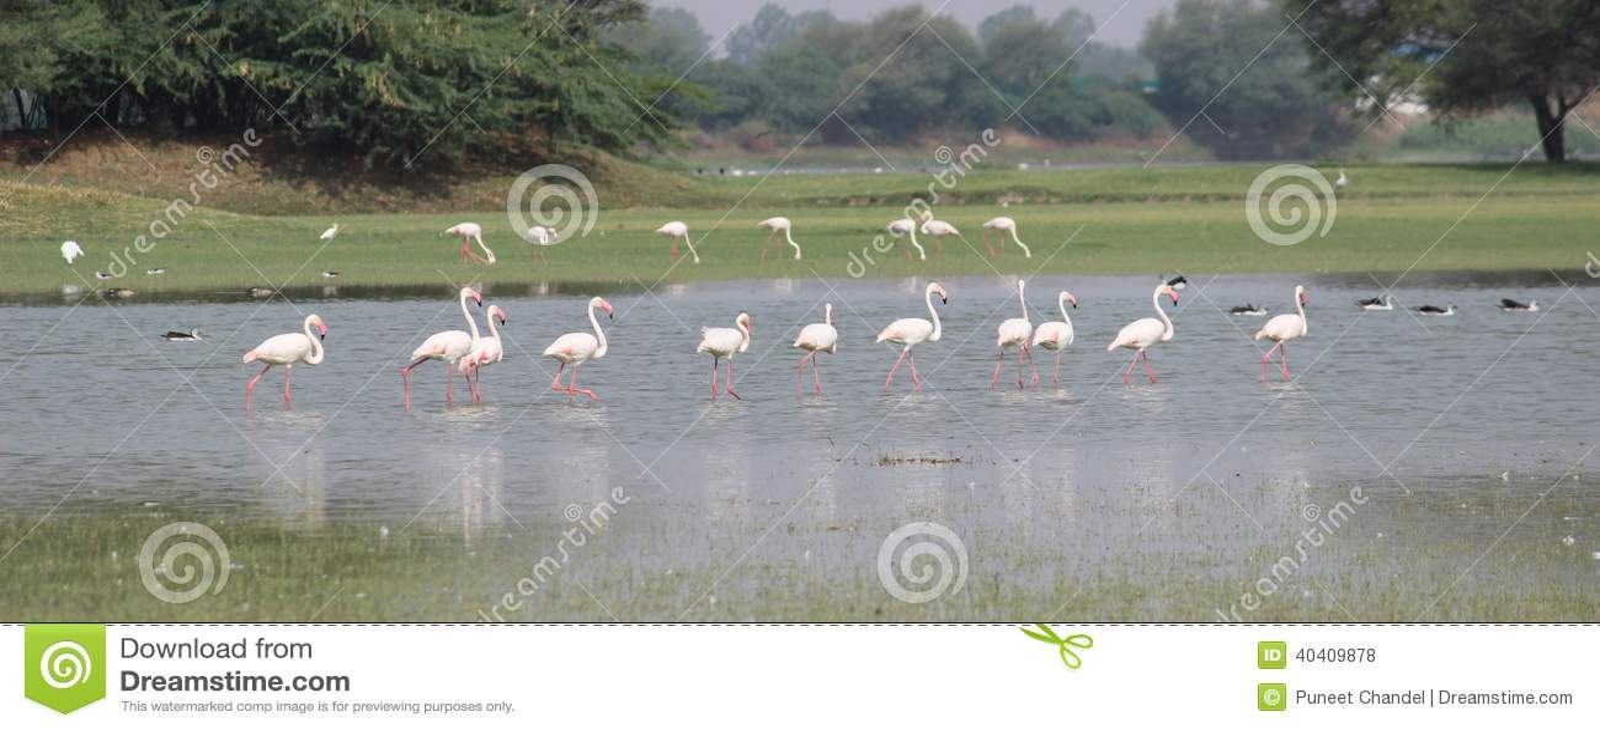 Flamingo, der in eine Linie im See geht